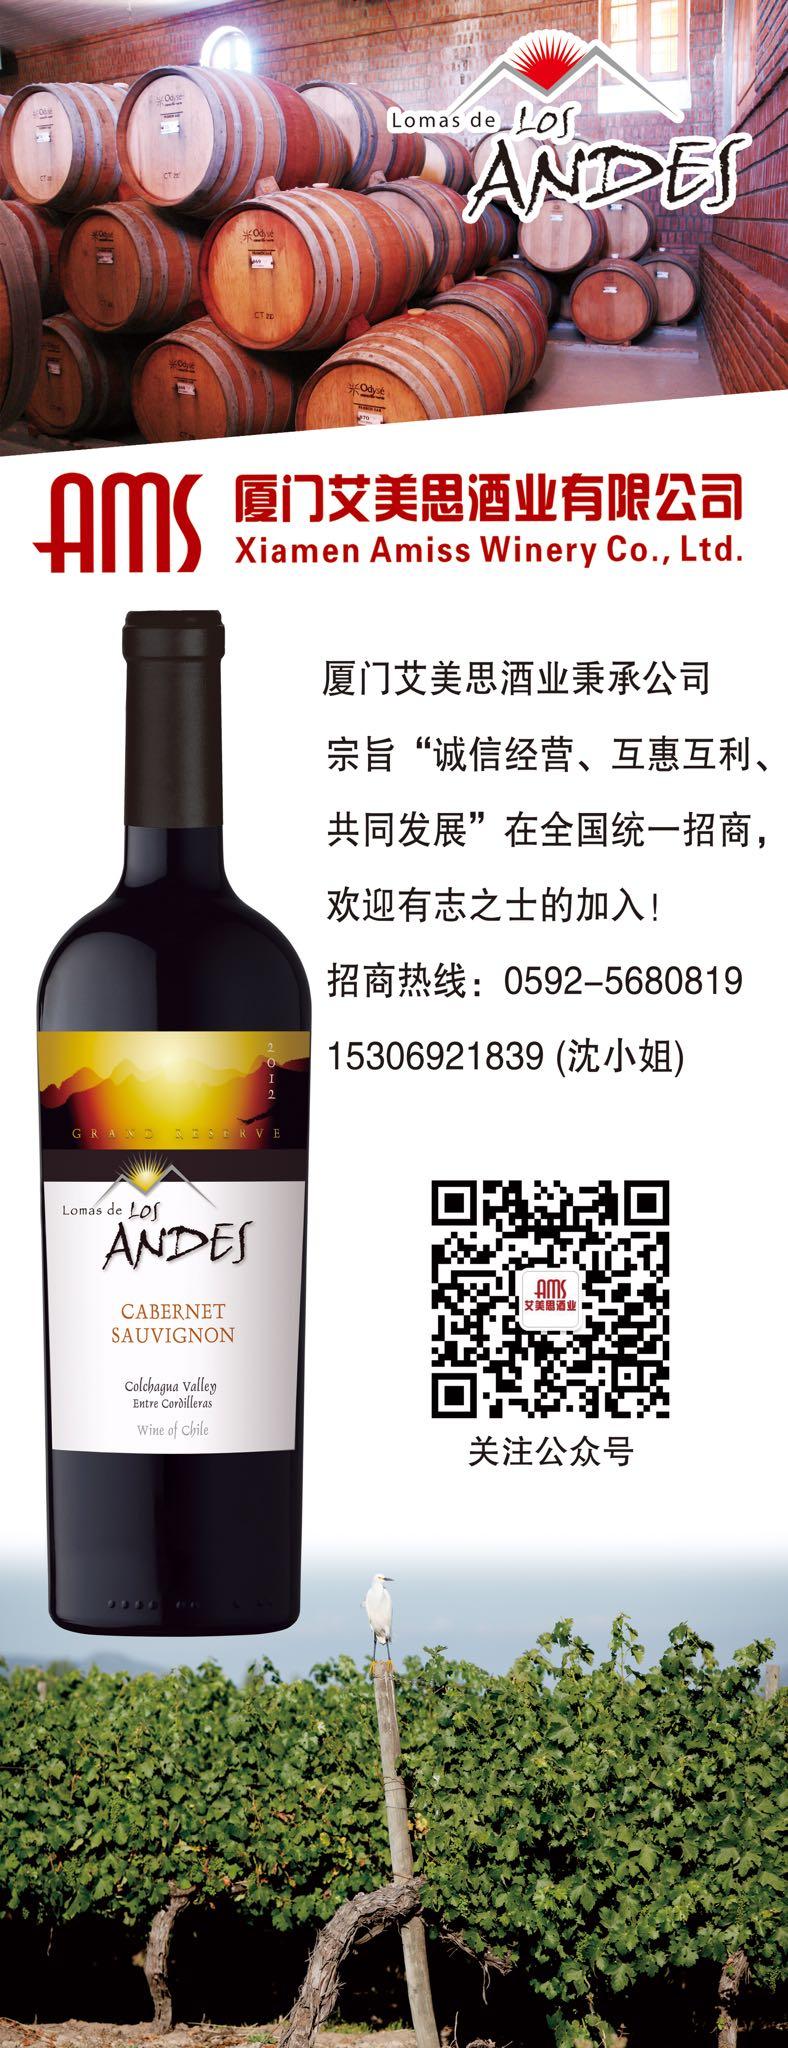 来自沈娟发布的招商投资信息:... - 厦门艾美思酒业有限公司